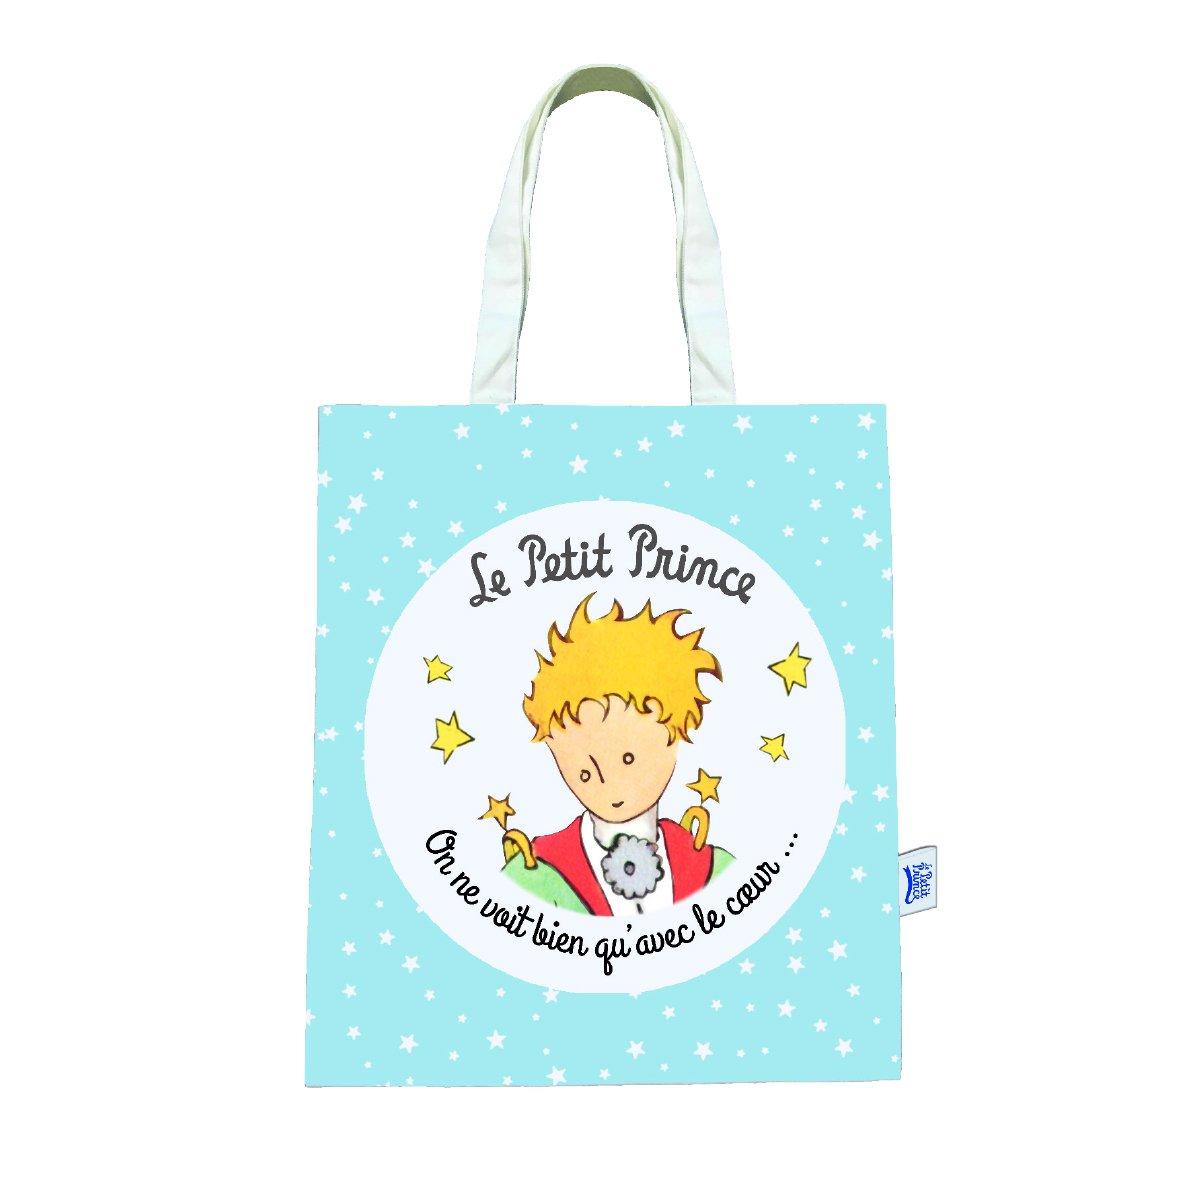 der Kleine Prinz 525517 Tasche, Baumwolle, Blau, 38 x 1 x 44 cm ...